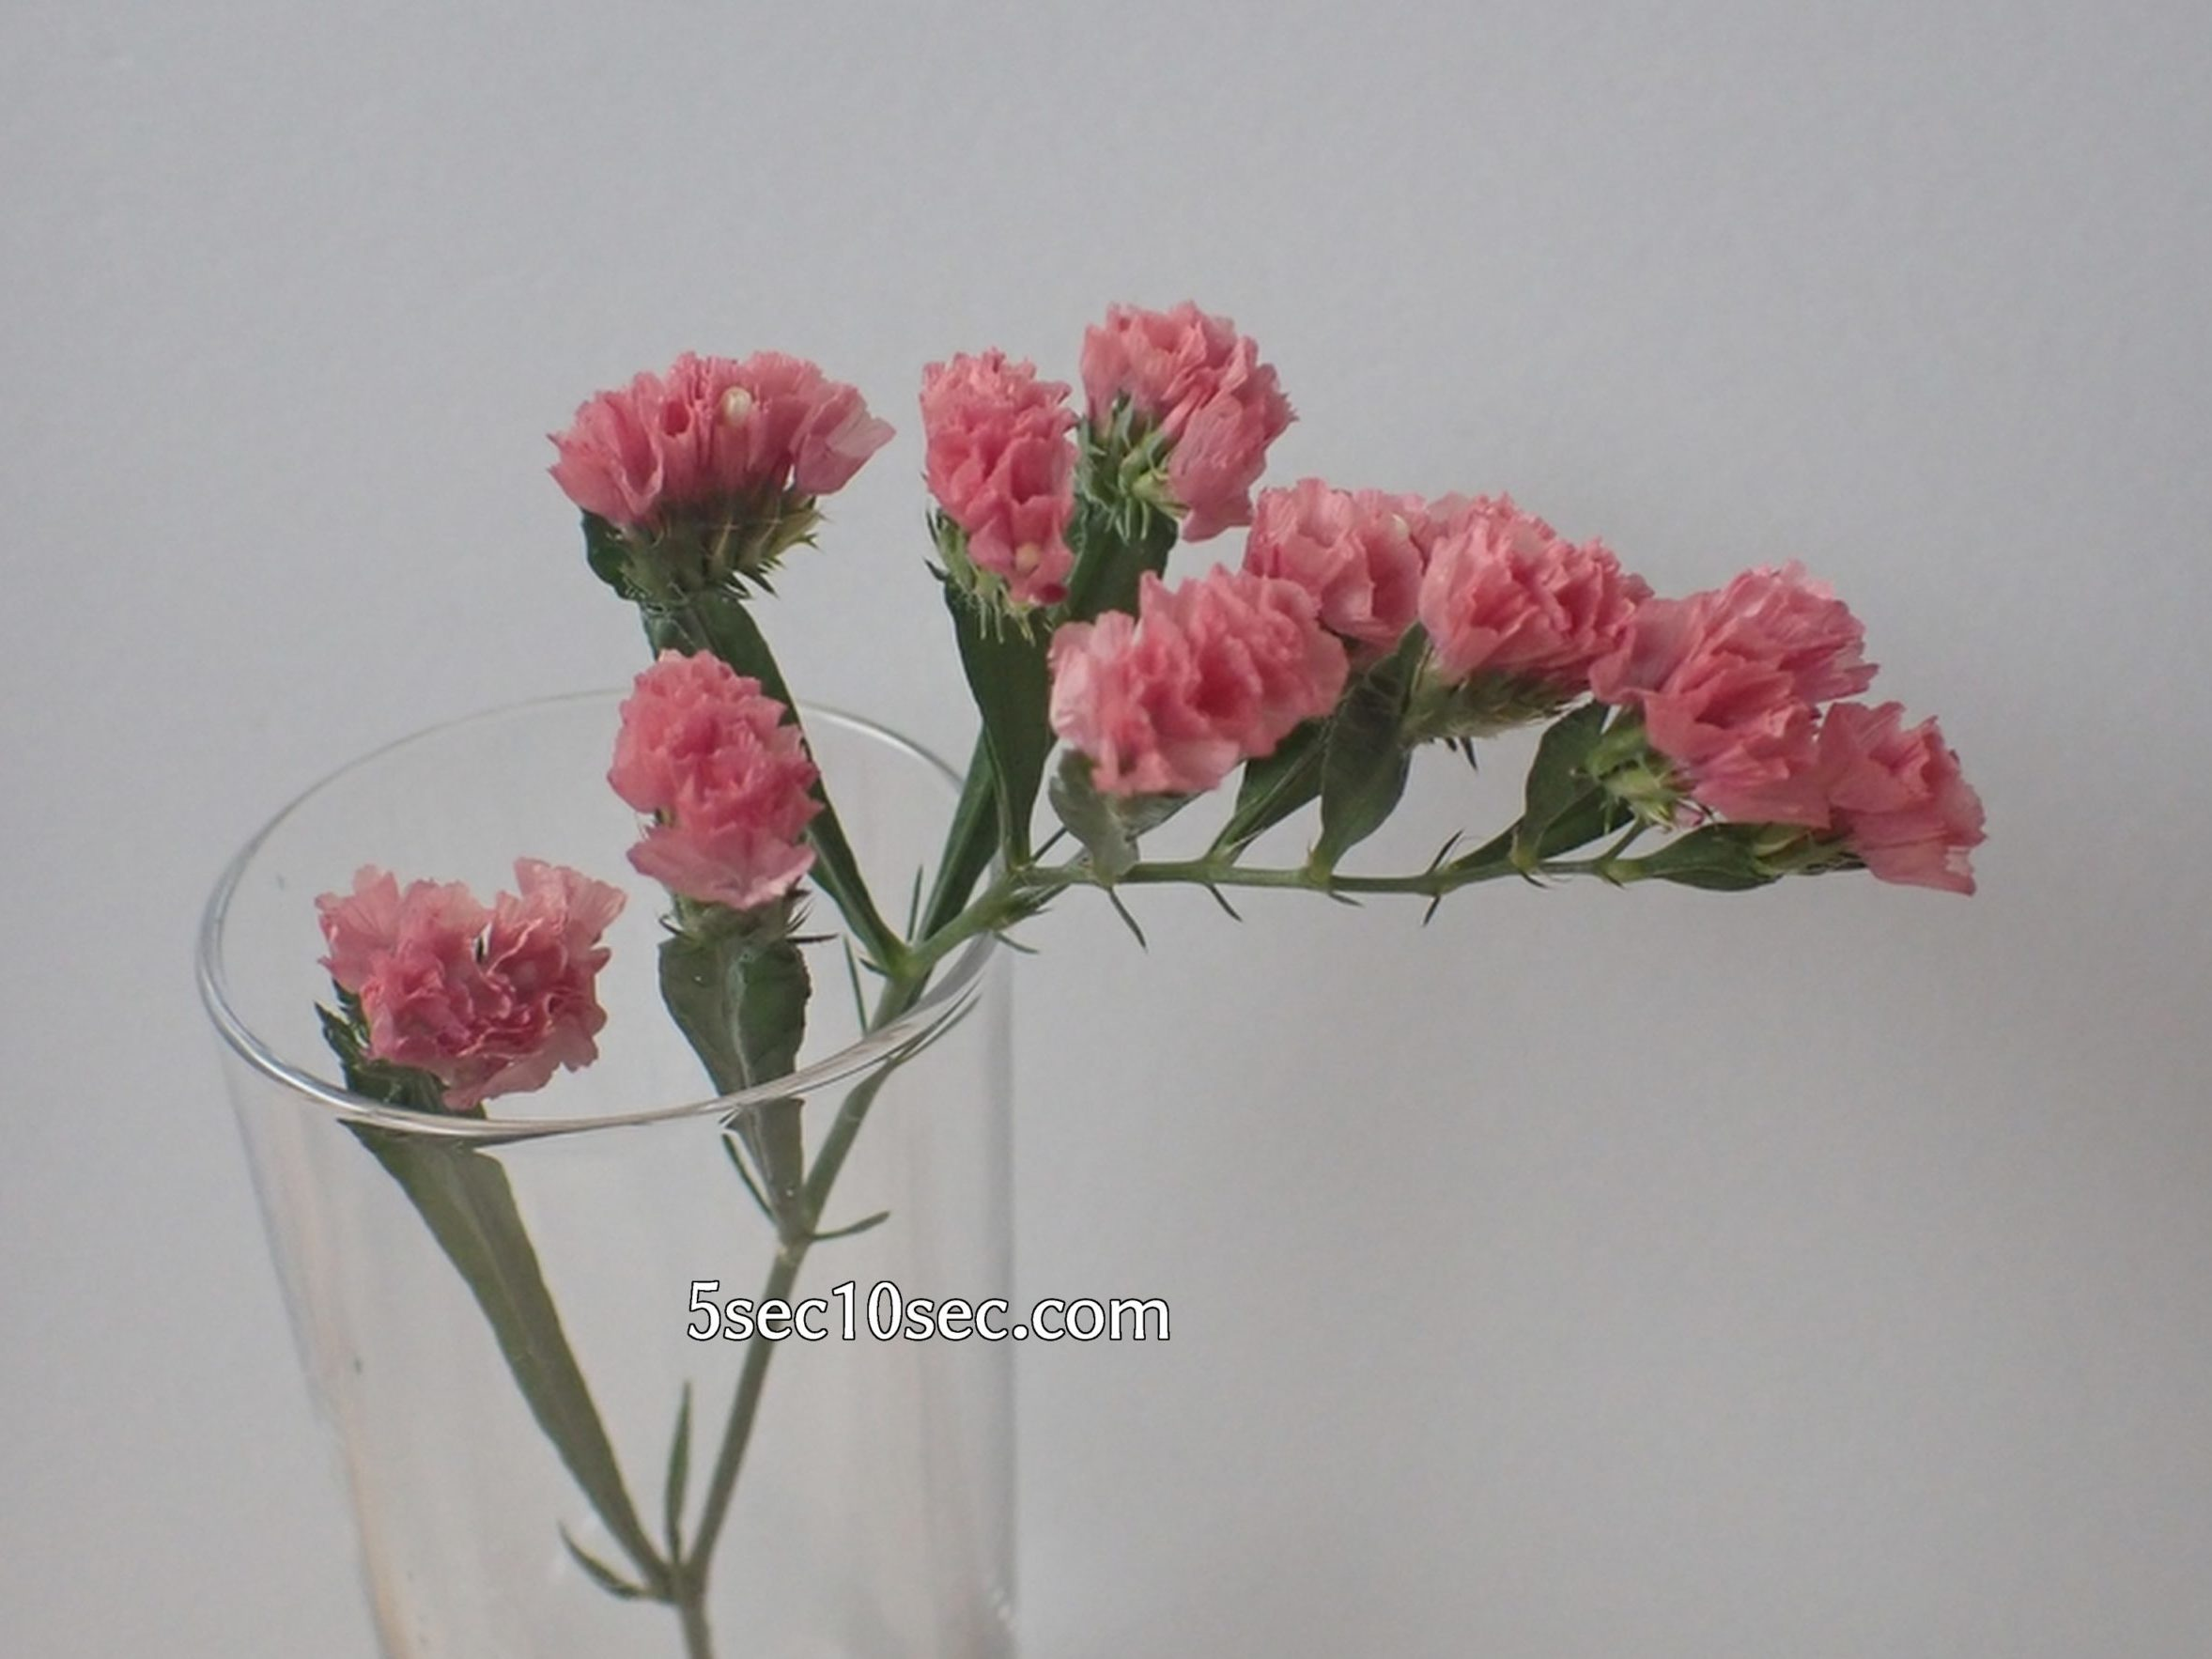 株式会社Crunch Style お花の定期便 Bloomee LIFE ブルーミーライフ レギュラープラン スターチス